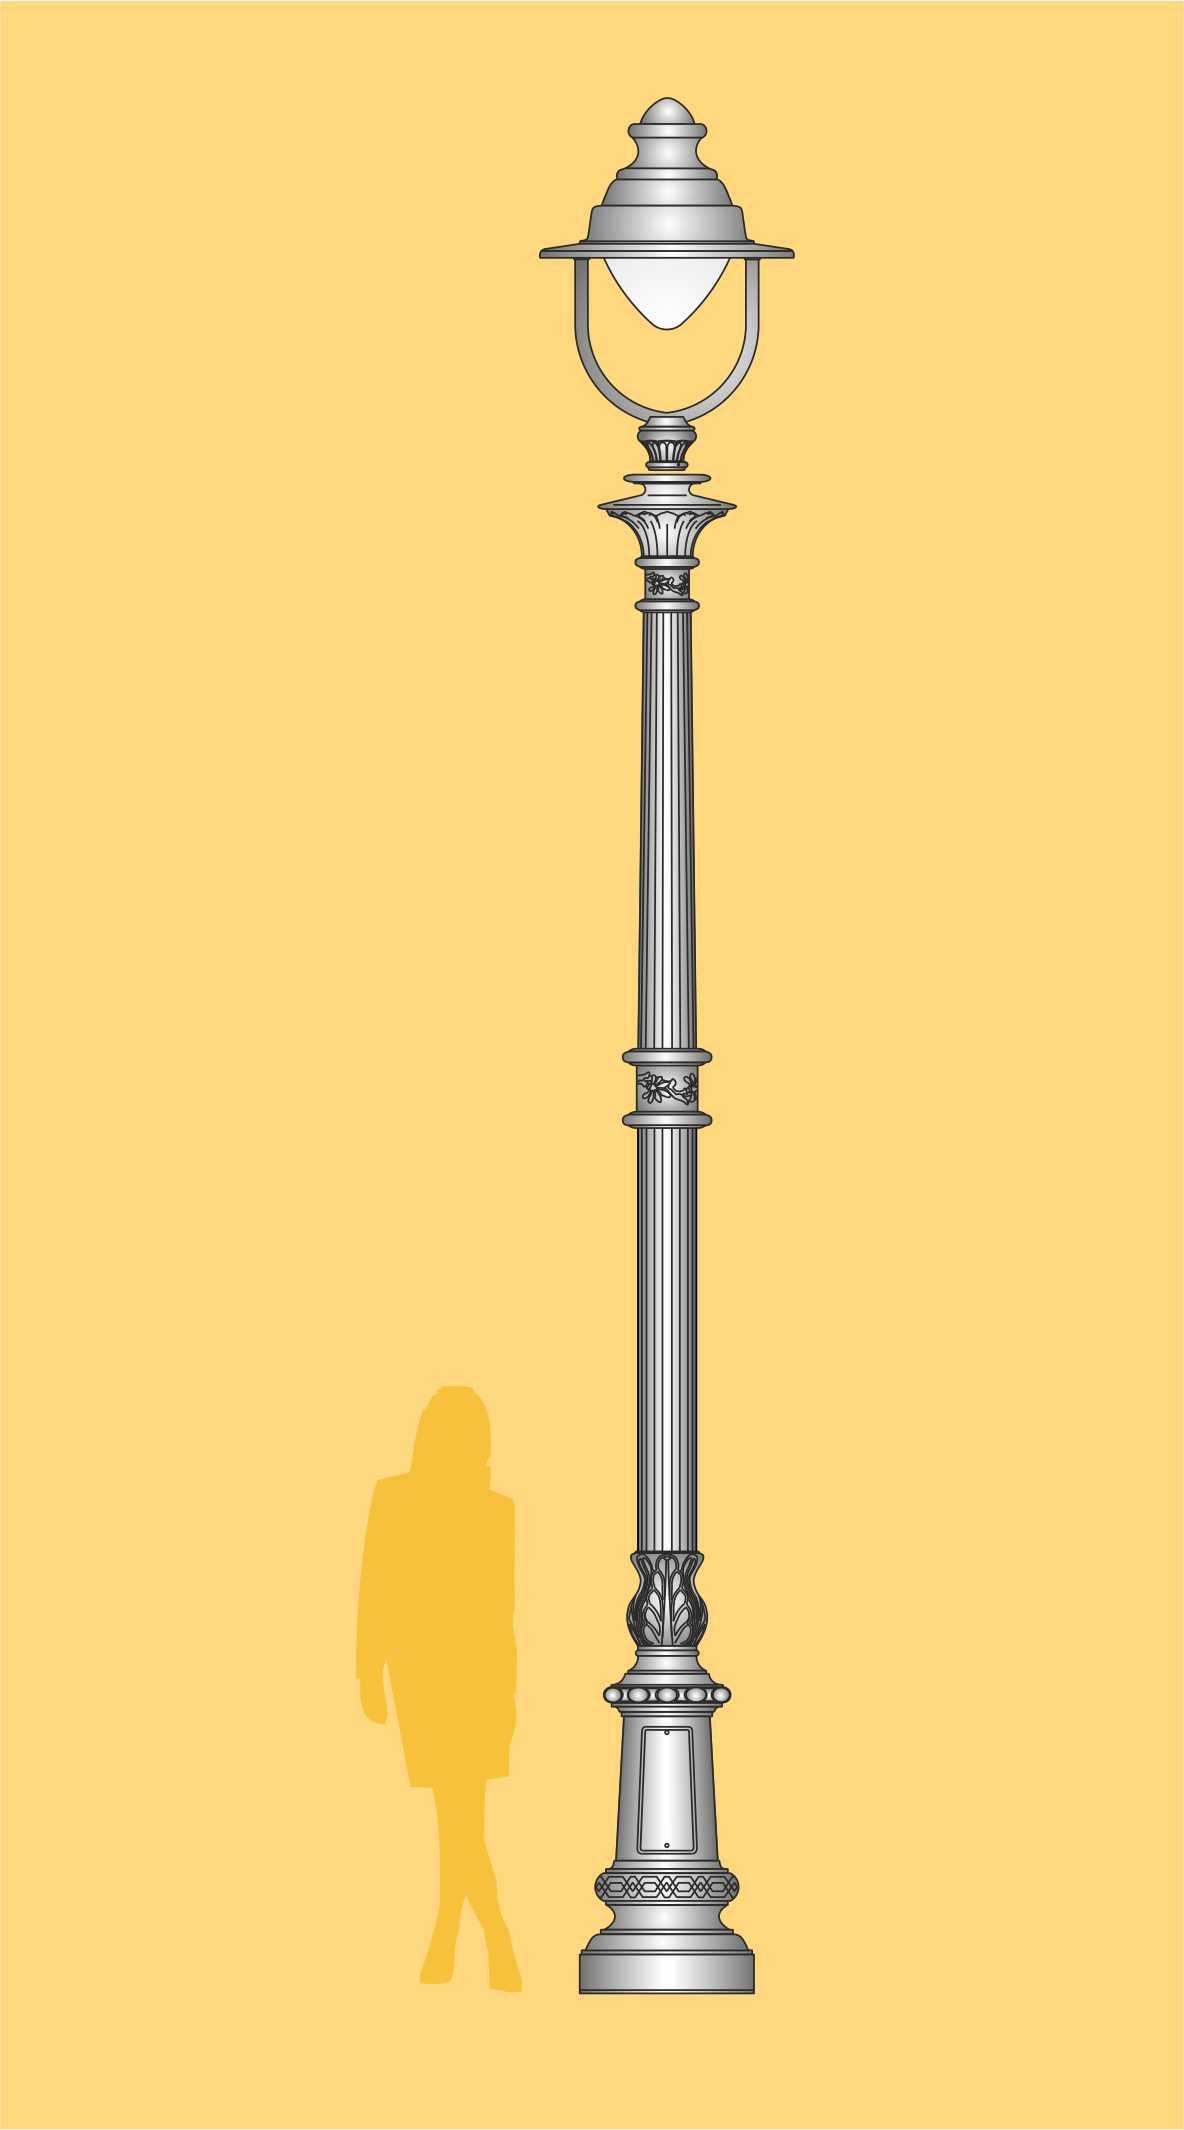 stylowa latarnia, ekskluzywna latarnia LED, latarnia ogrodowa, latarnia parkowa